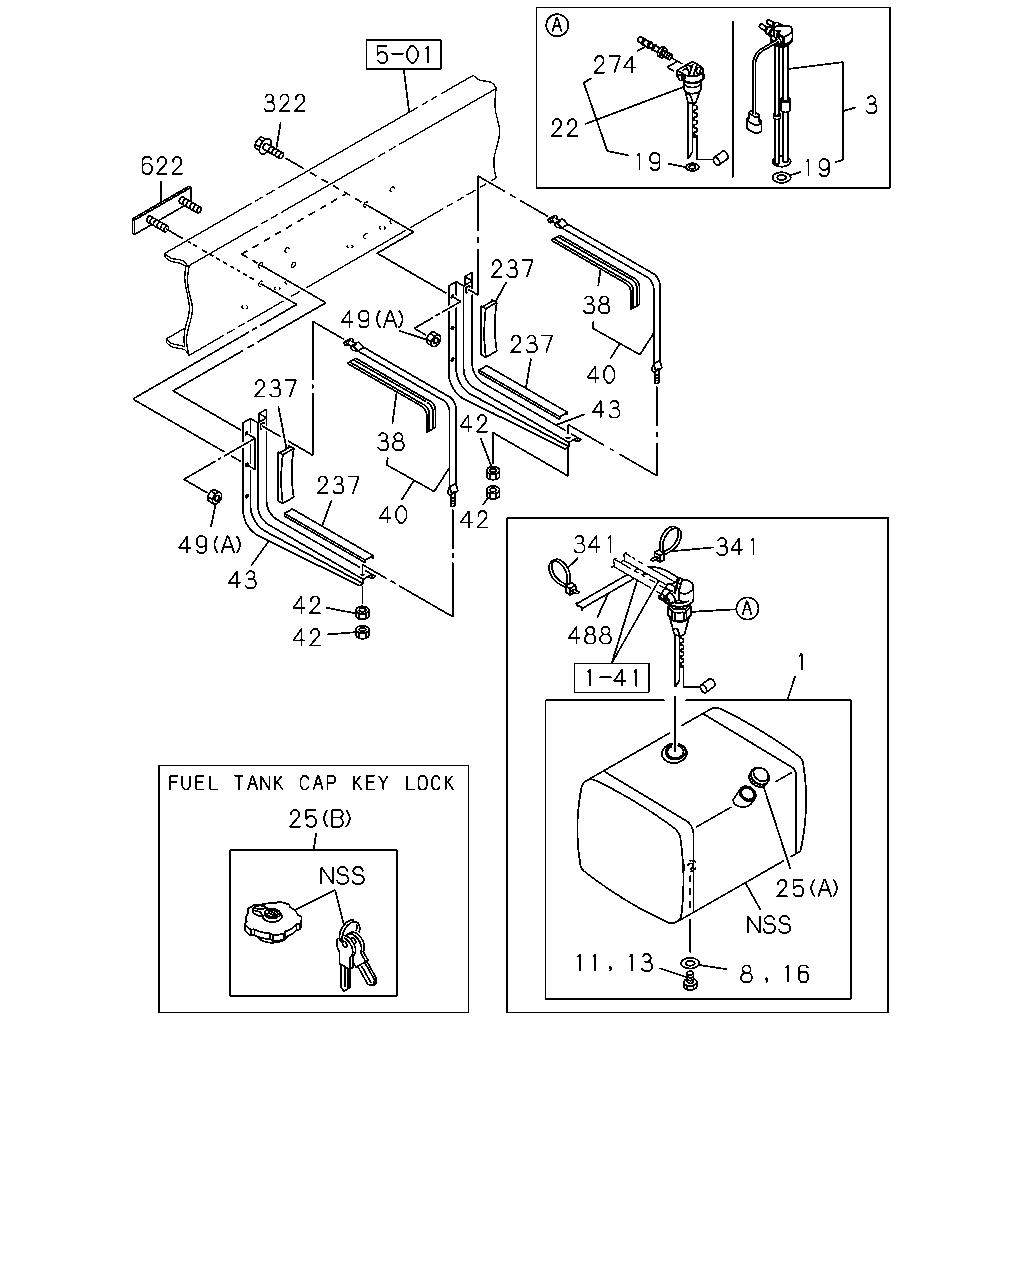 1982 fxr wiring diagram fuse box \u0026 wiring diagram1982 fxr wiring diagram databasefxr part wiring diagram database frisco fxr 1982 fxr